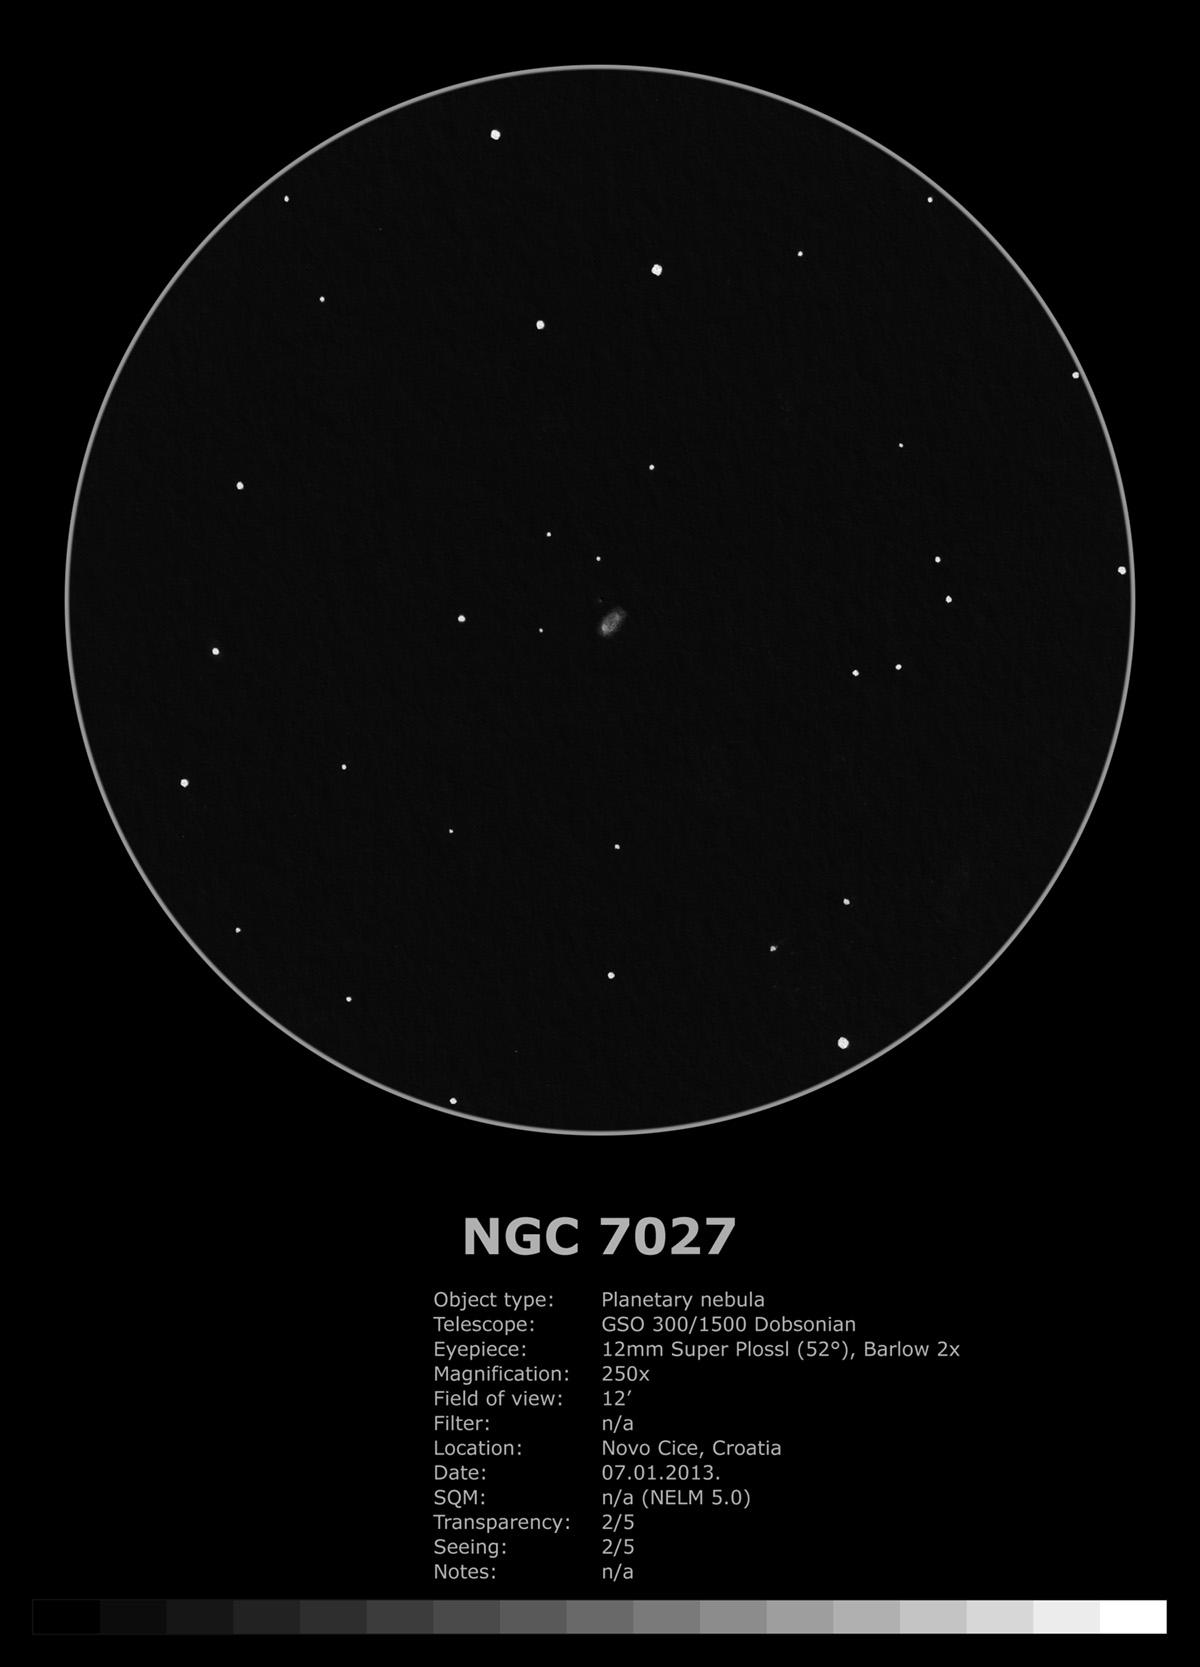 NGC 7027 (2013)